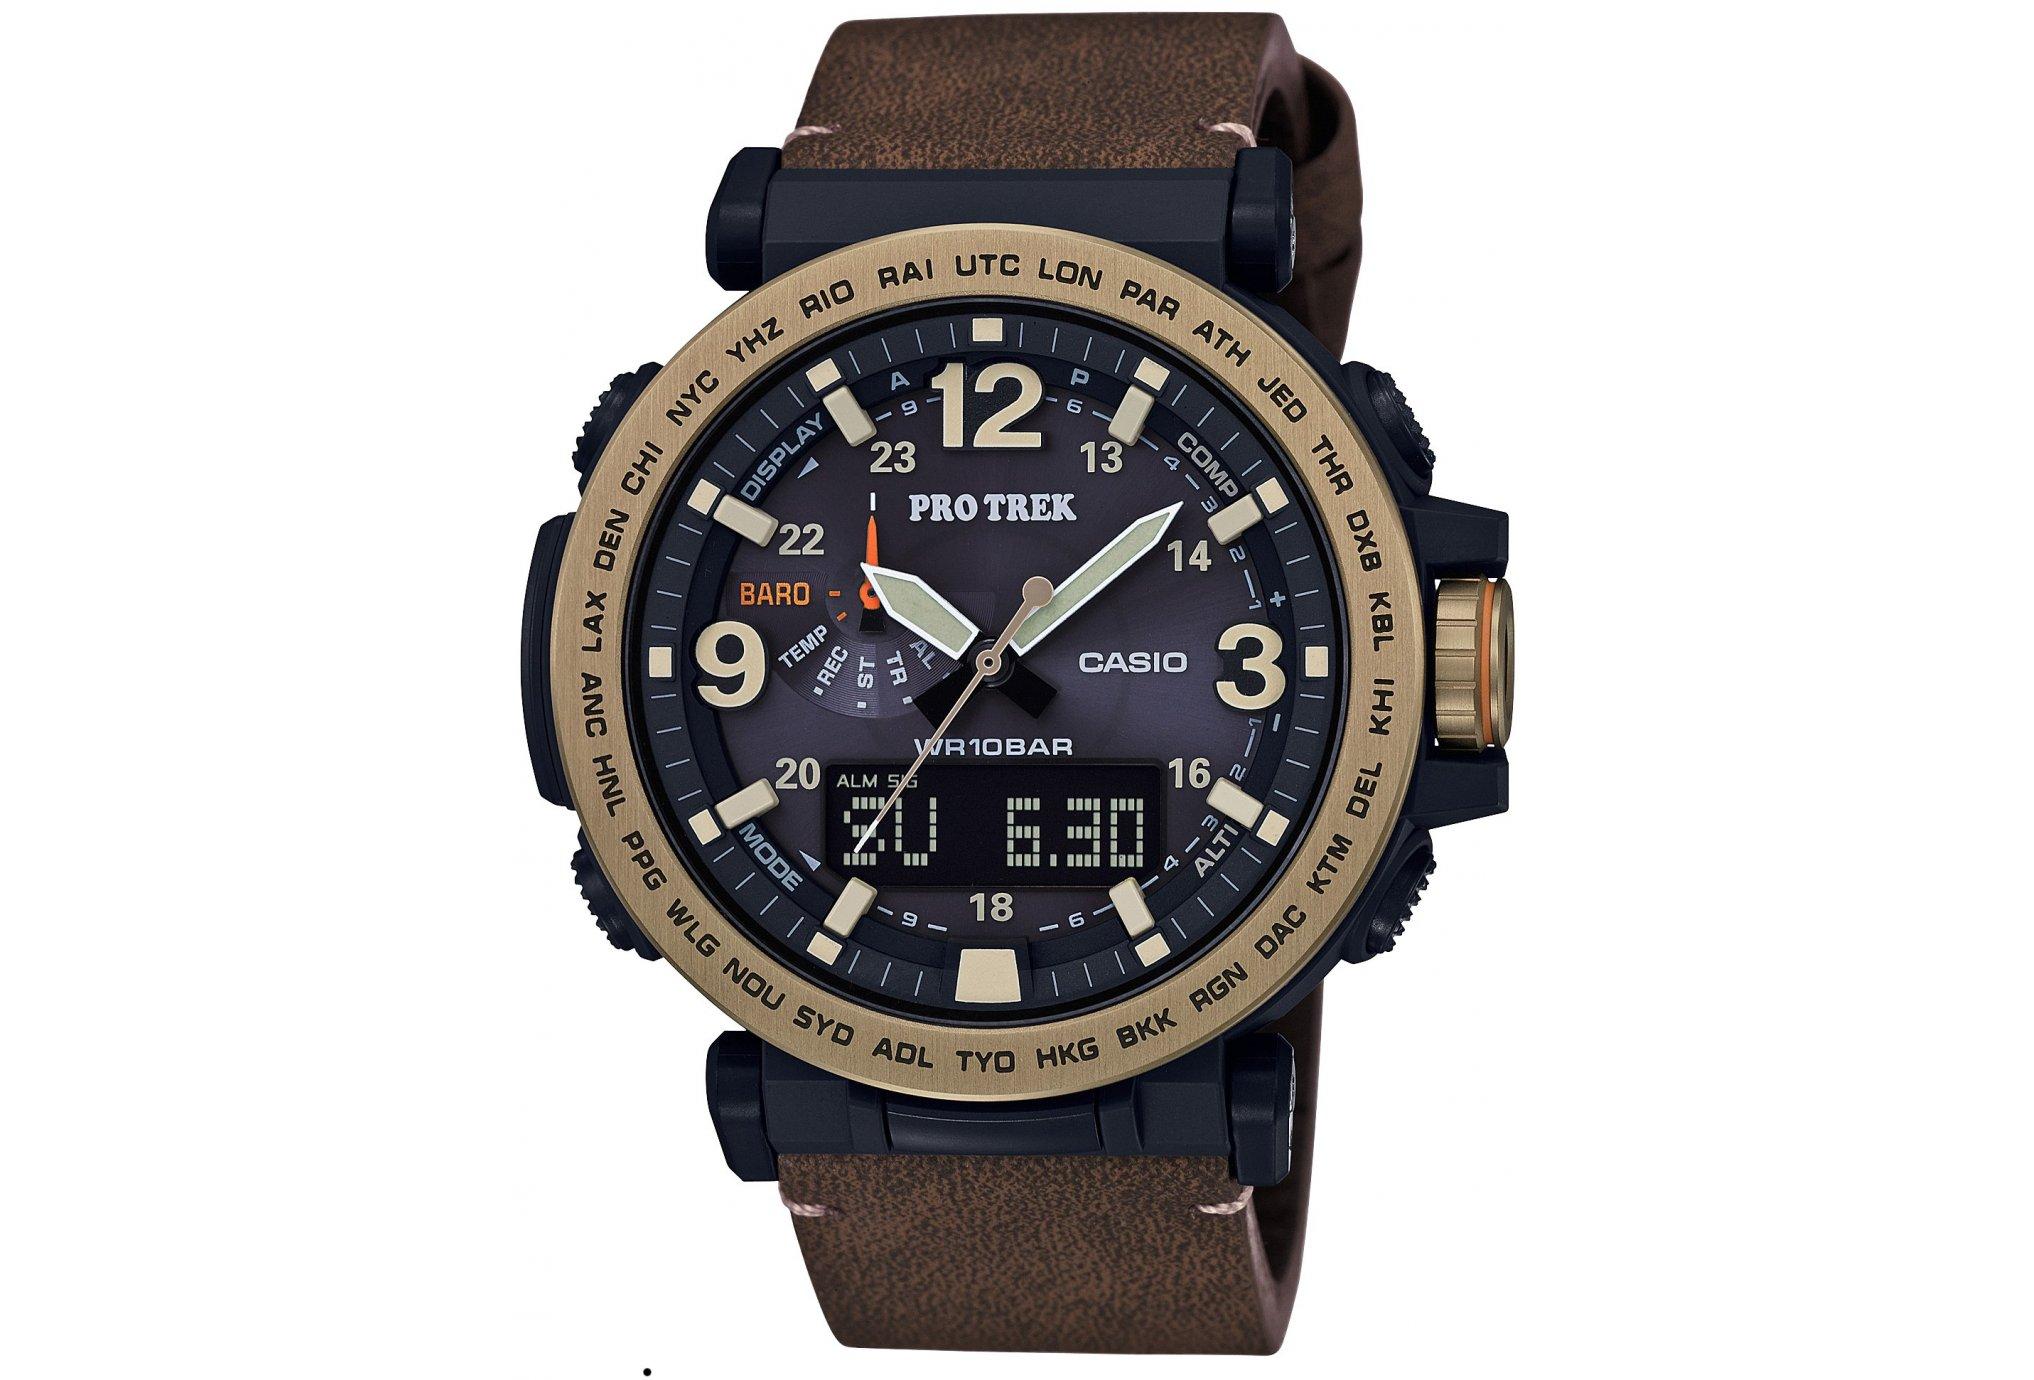 Casio Pro trek prg-600yl montres de sport